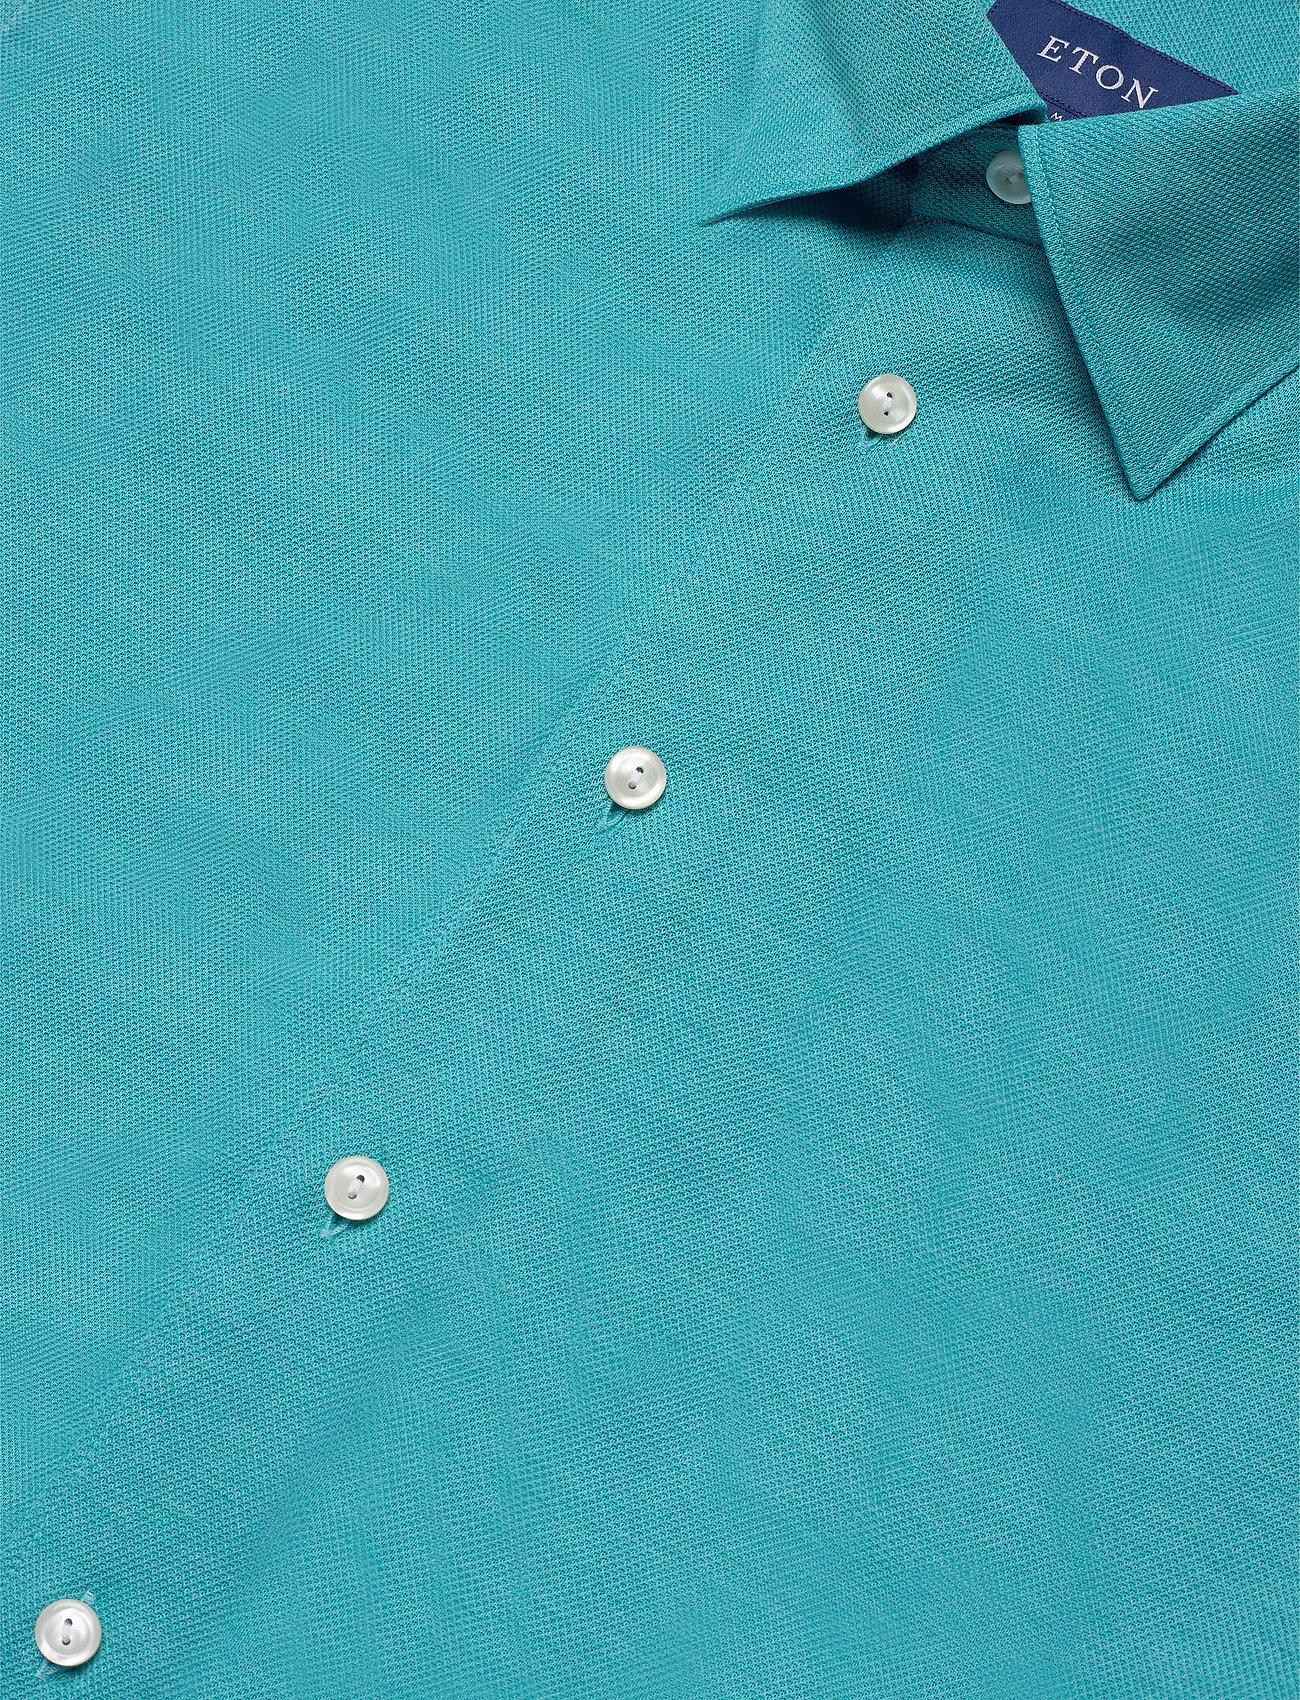 Eton Polo shirt - long sleeved - Skjorter BLUE - Menn Klær